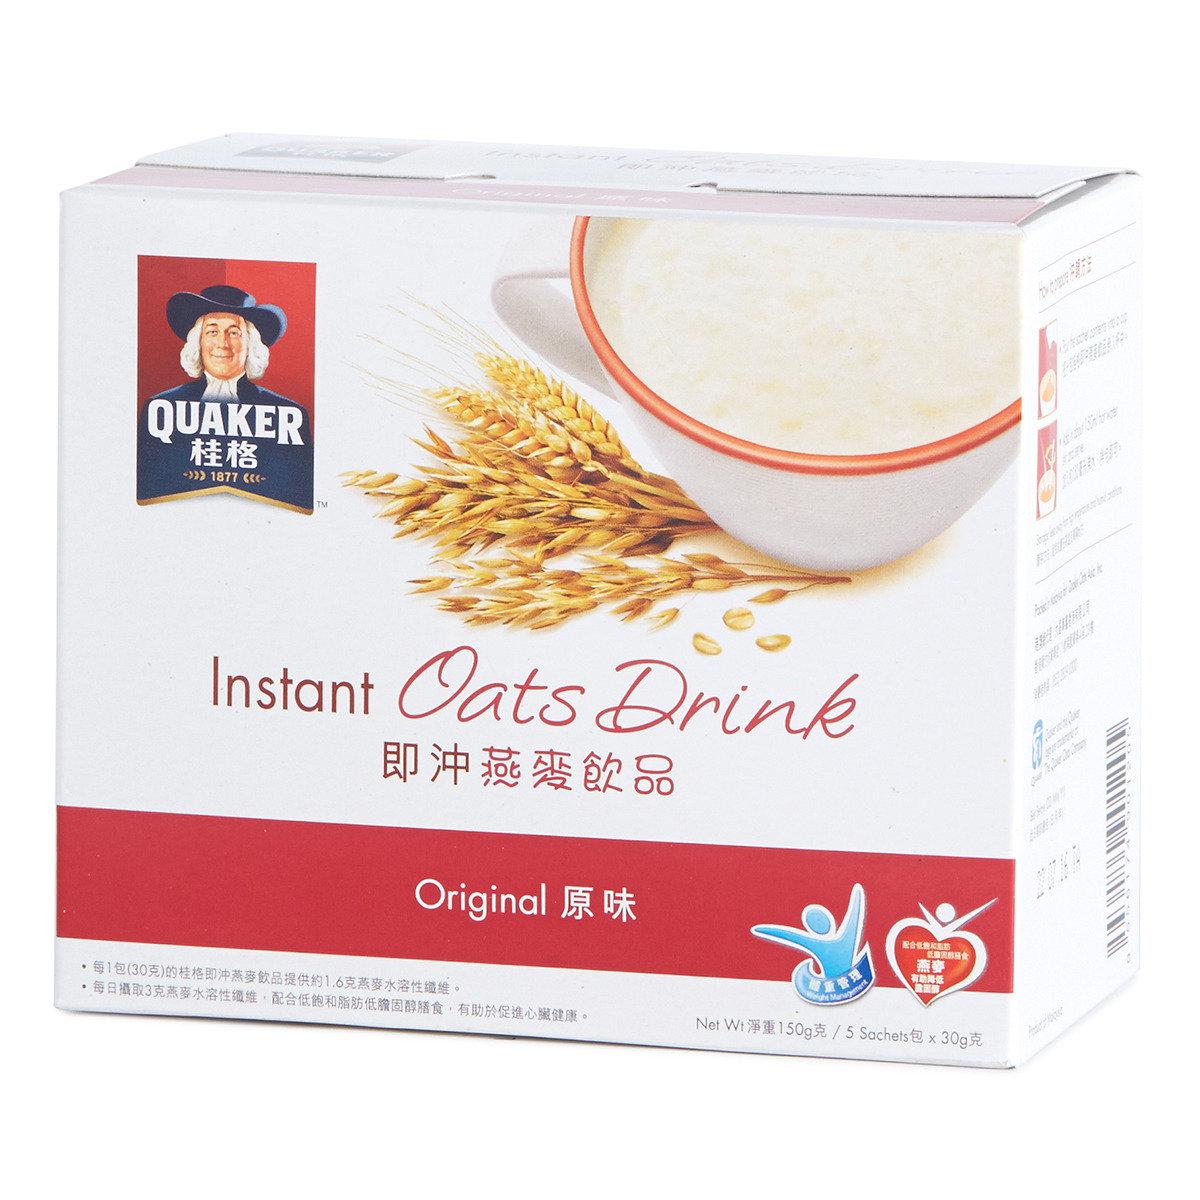 即沖燕麥飲品 – 原味